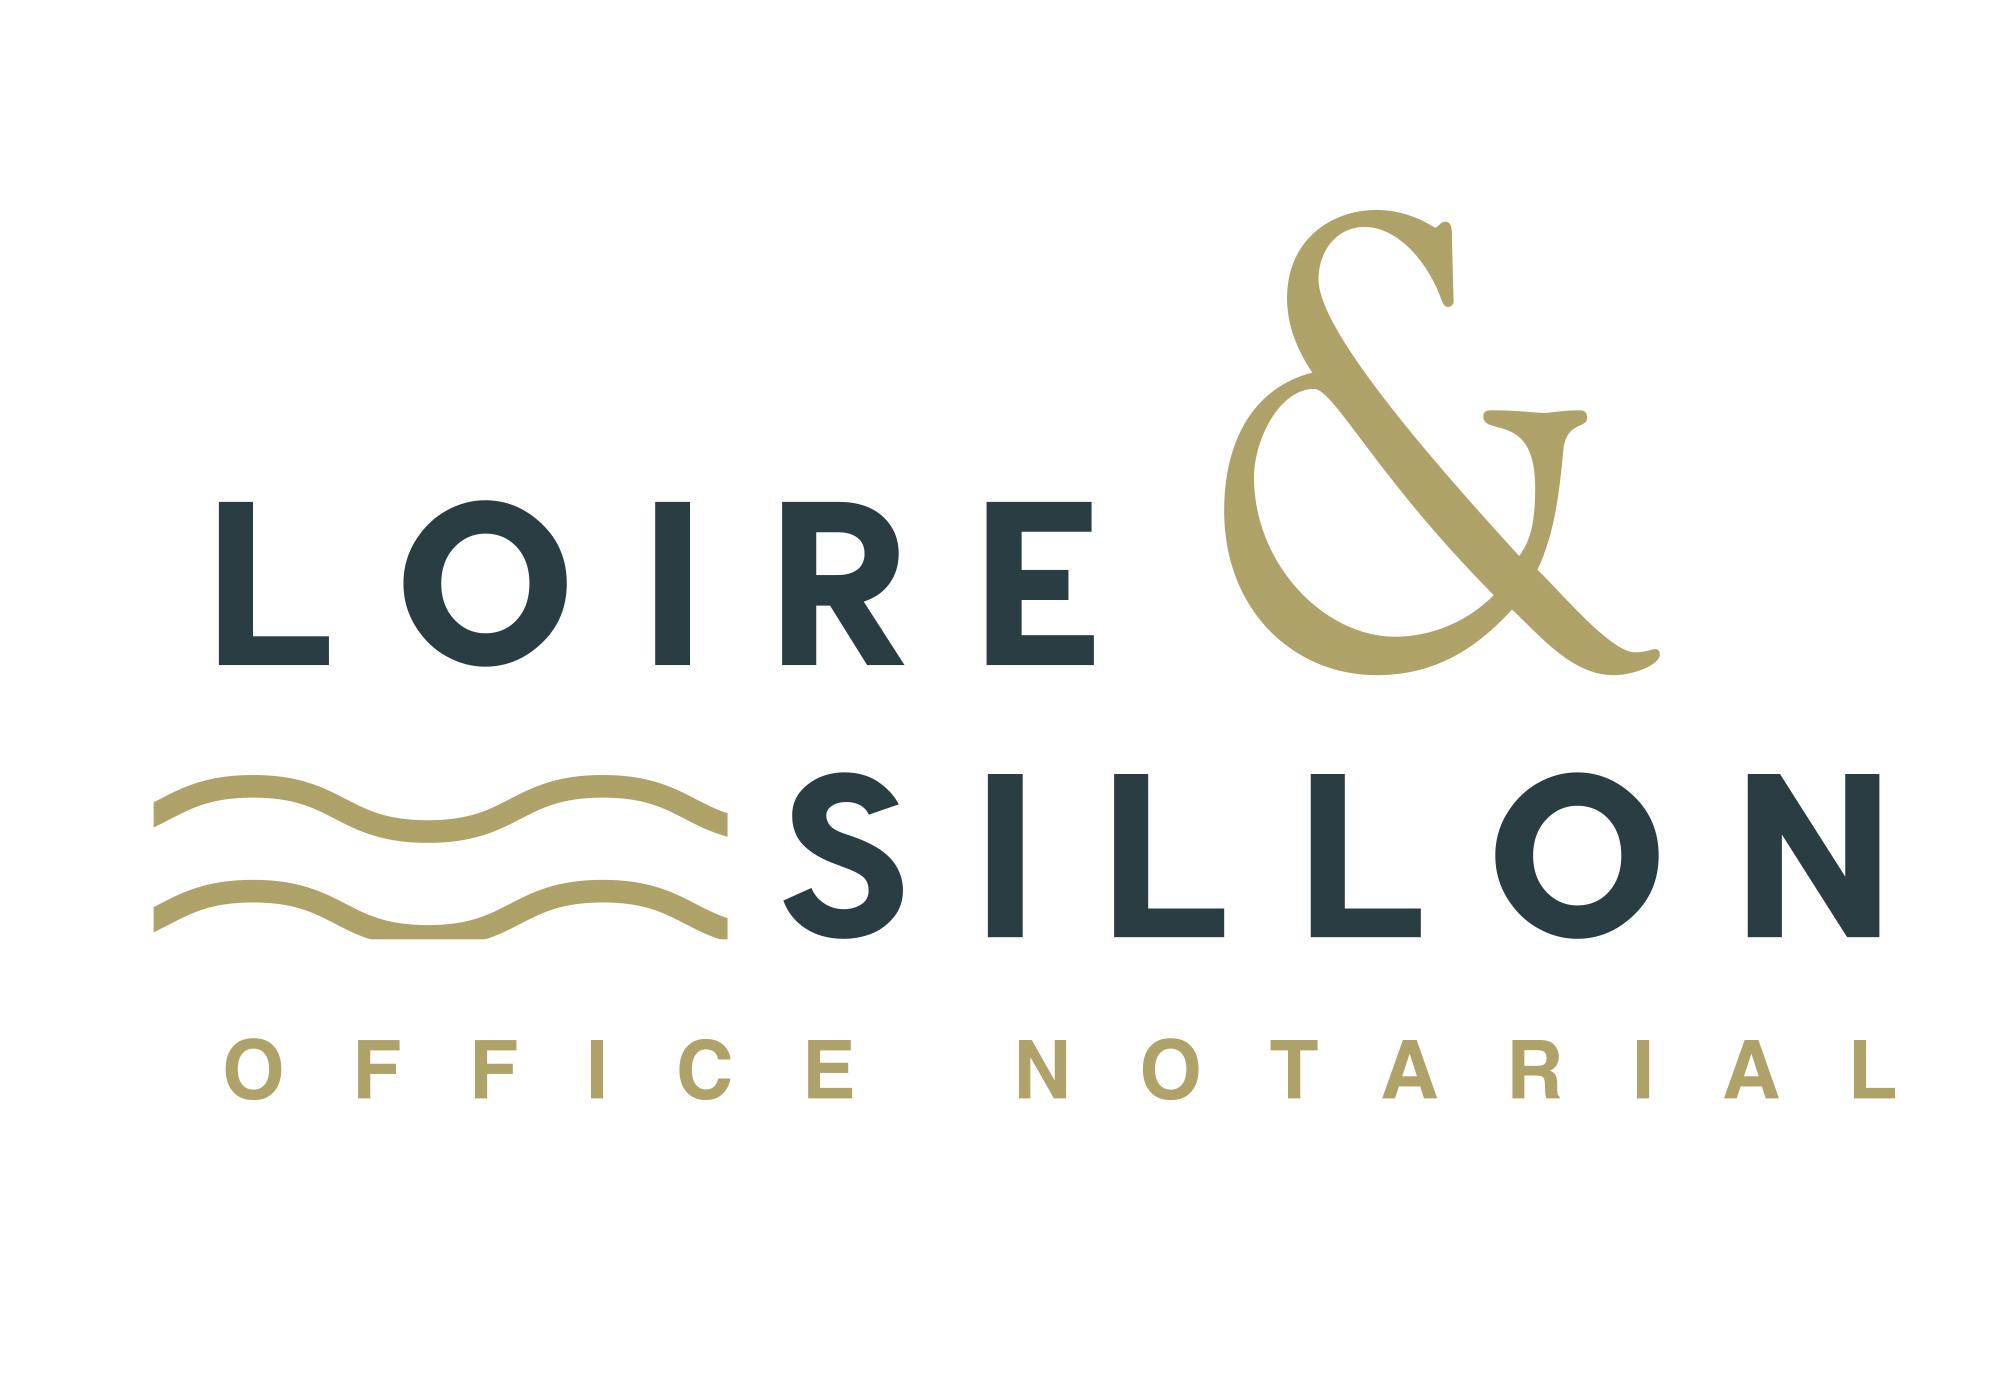 OFFICE NOTARIAL LOIRE ET SILLON